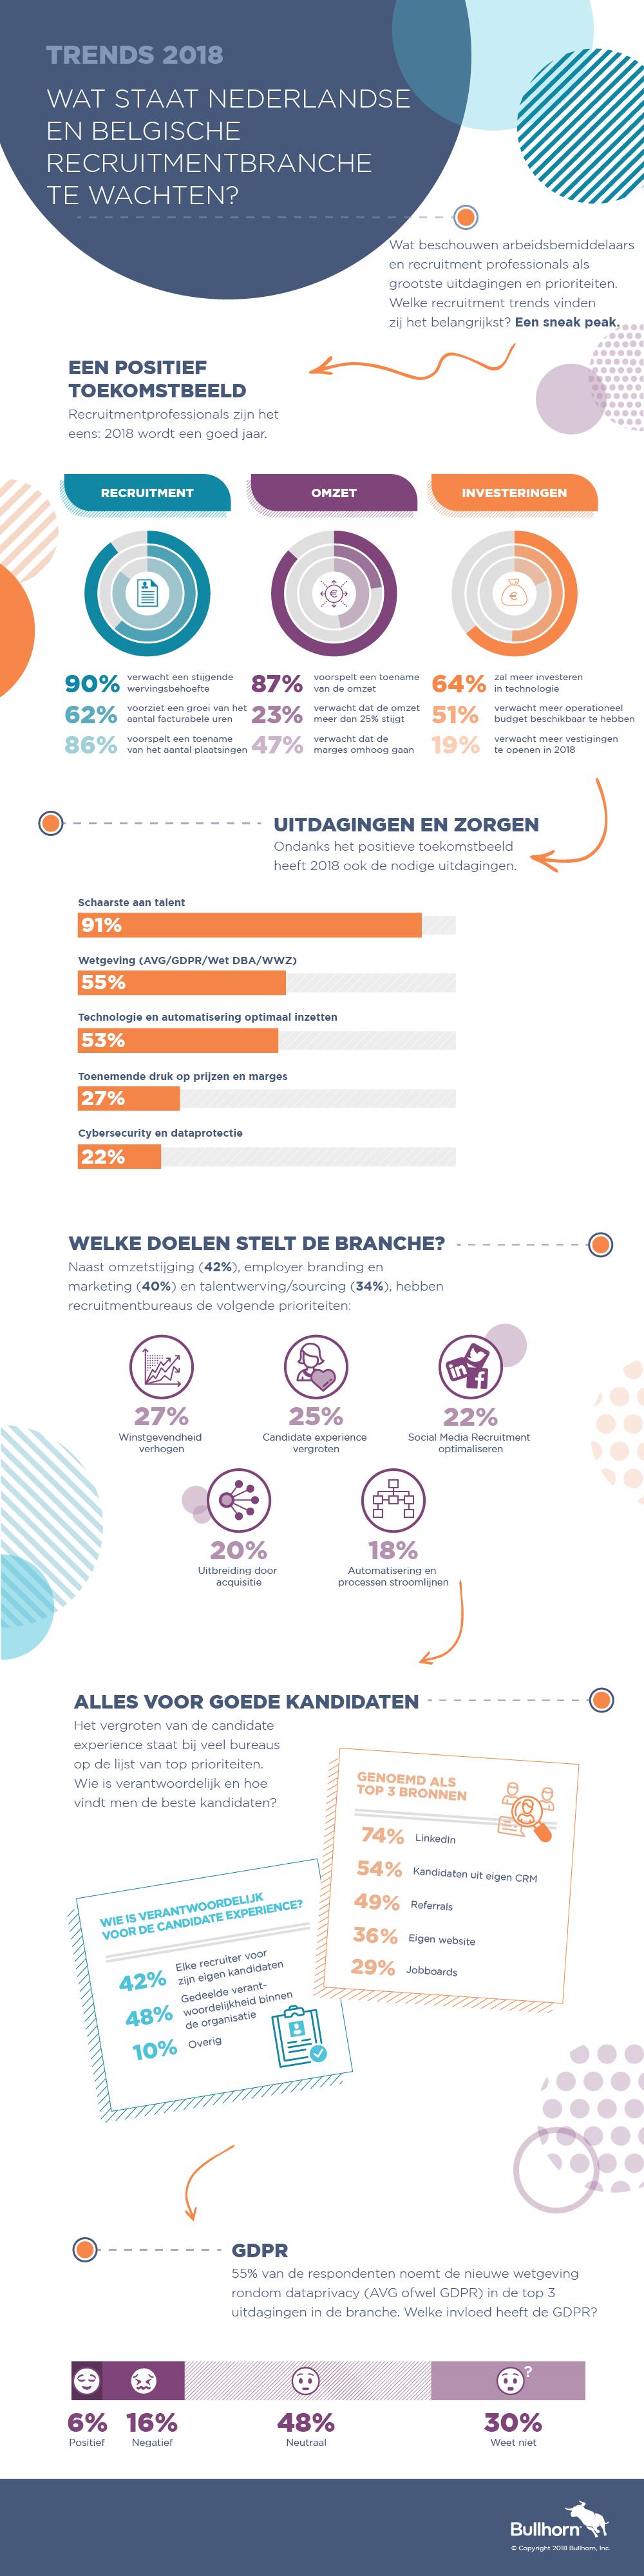 Recruitment Trends voor Bureaus 2018 Infographic